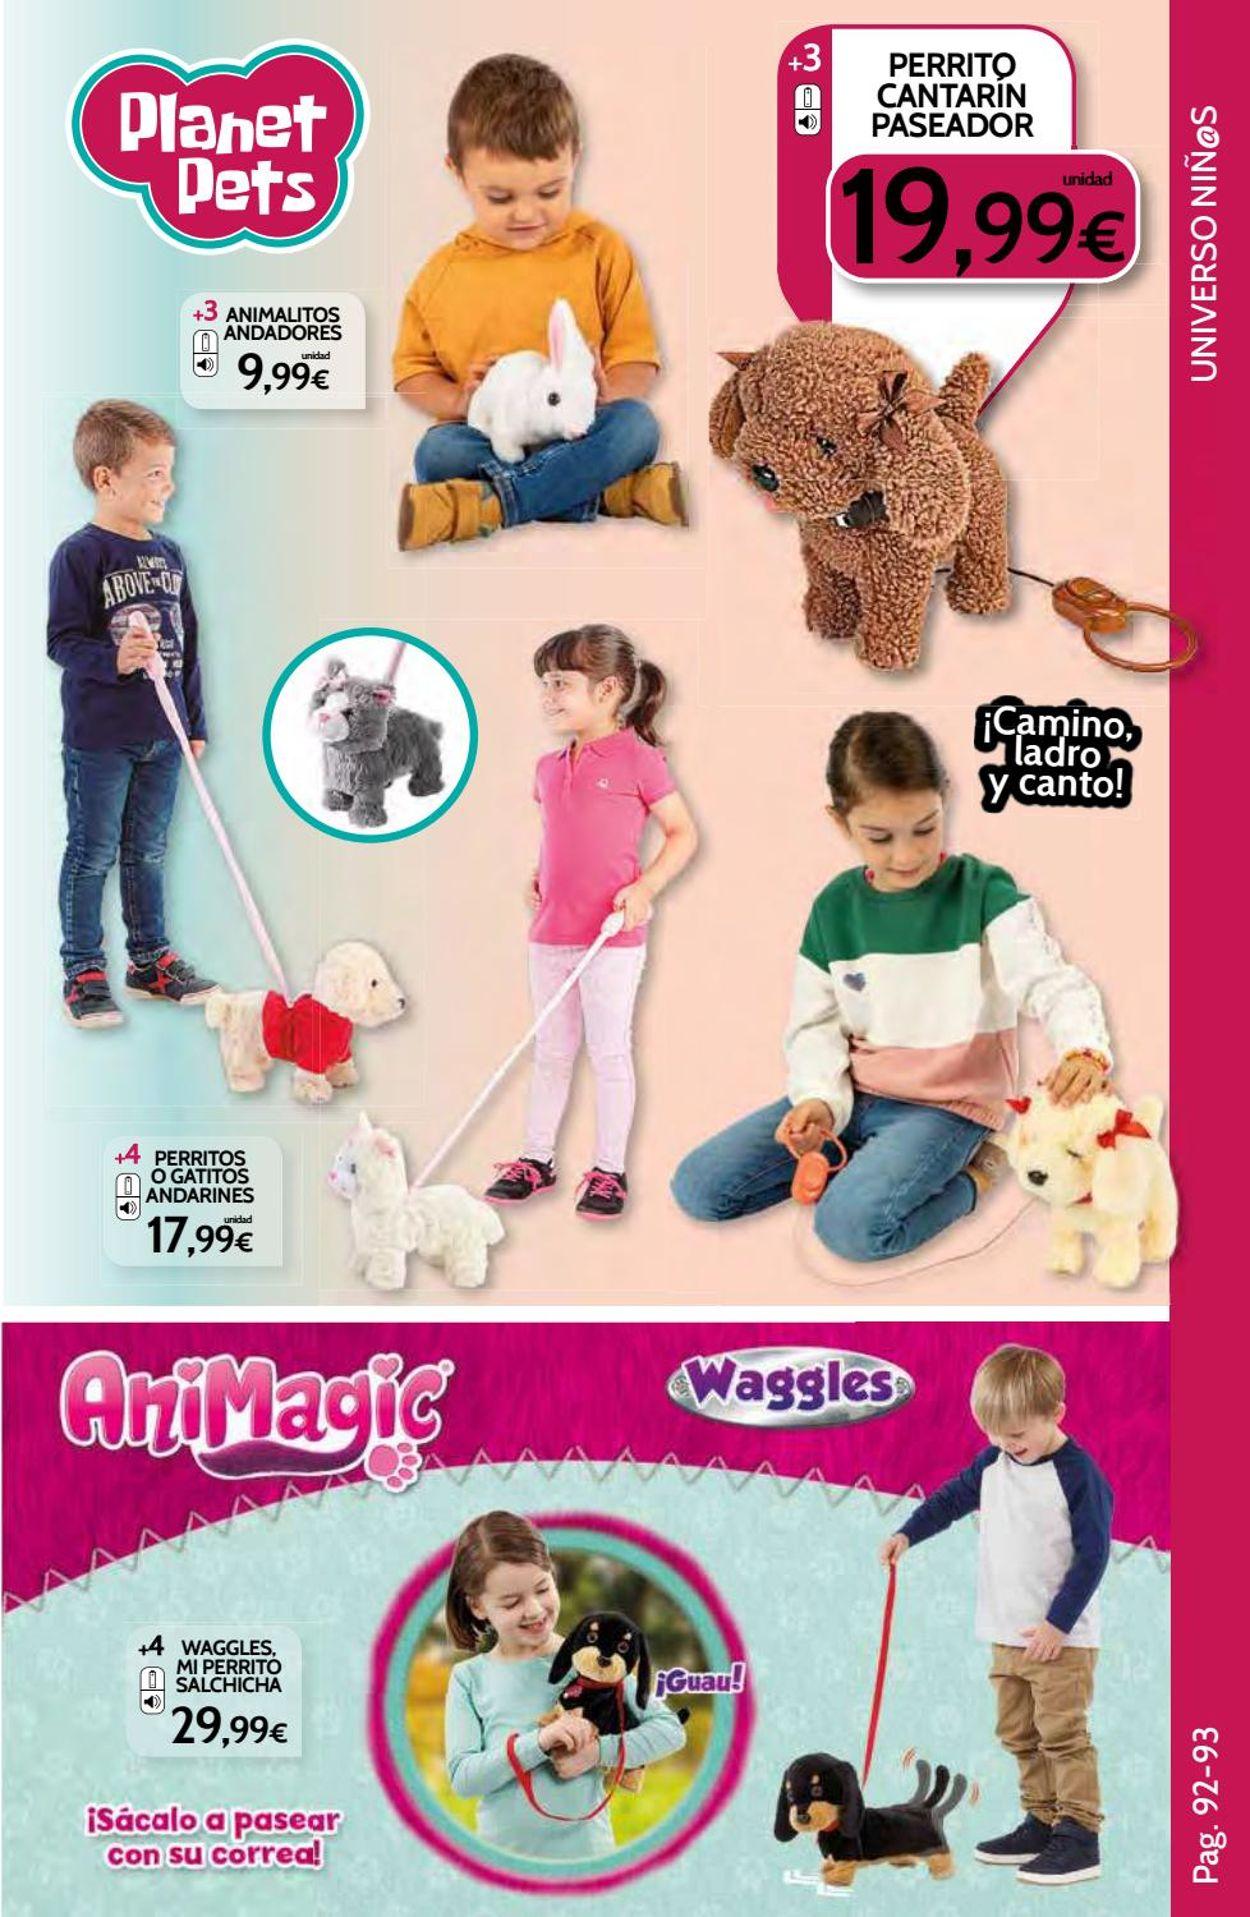 Toy Planet - Navidad Folleto - 16.10-24.12.2020 (Página 93)